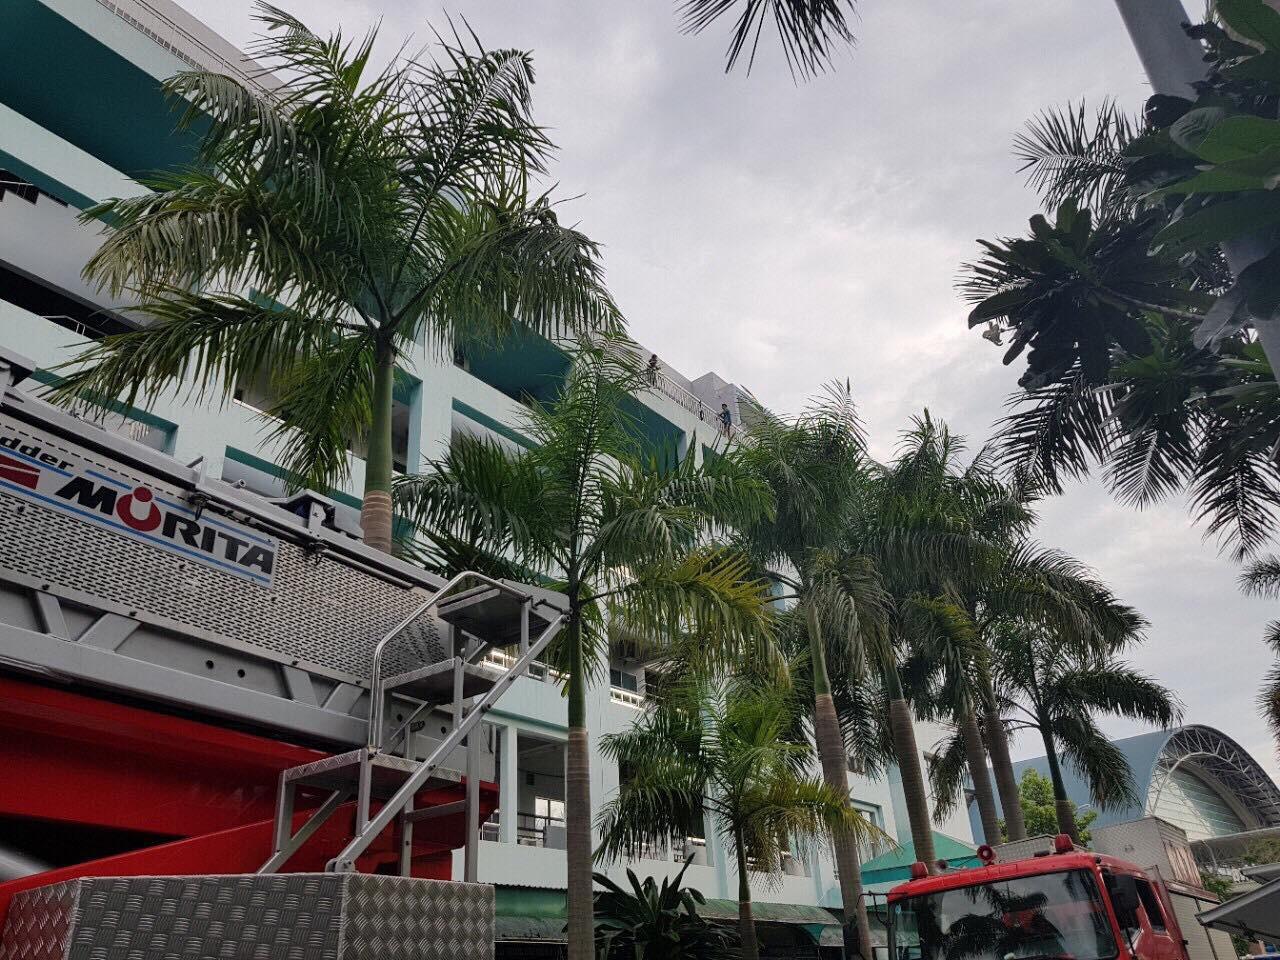 Hơn 5 giờ giải cứu nam thanh niên thất tình đòi nhảy lầu bệnh viện ở Sài Gòn - Ảnh 3.